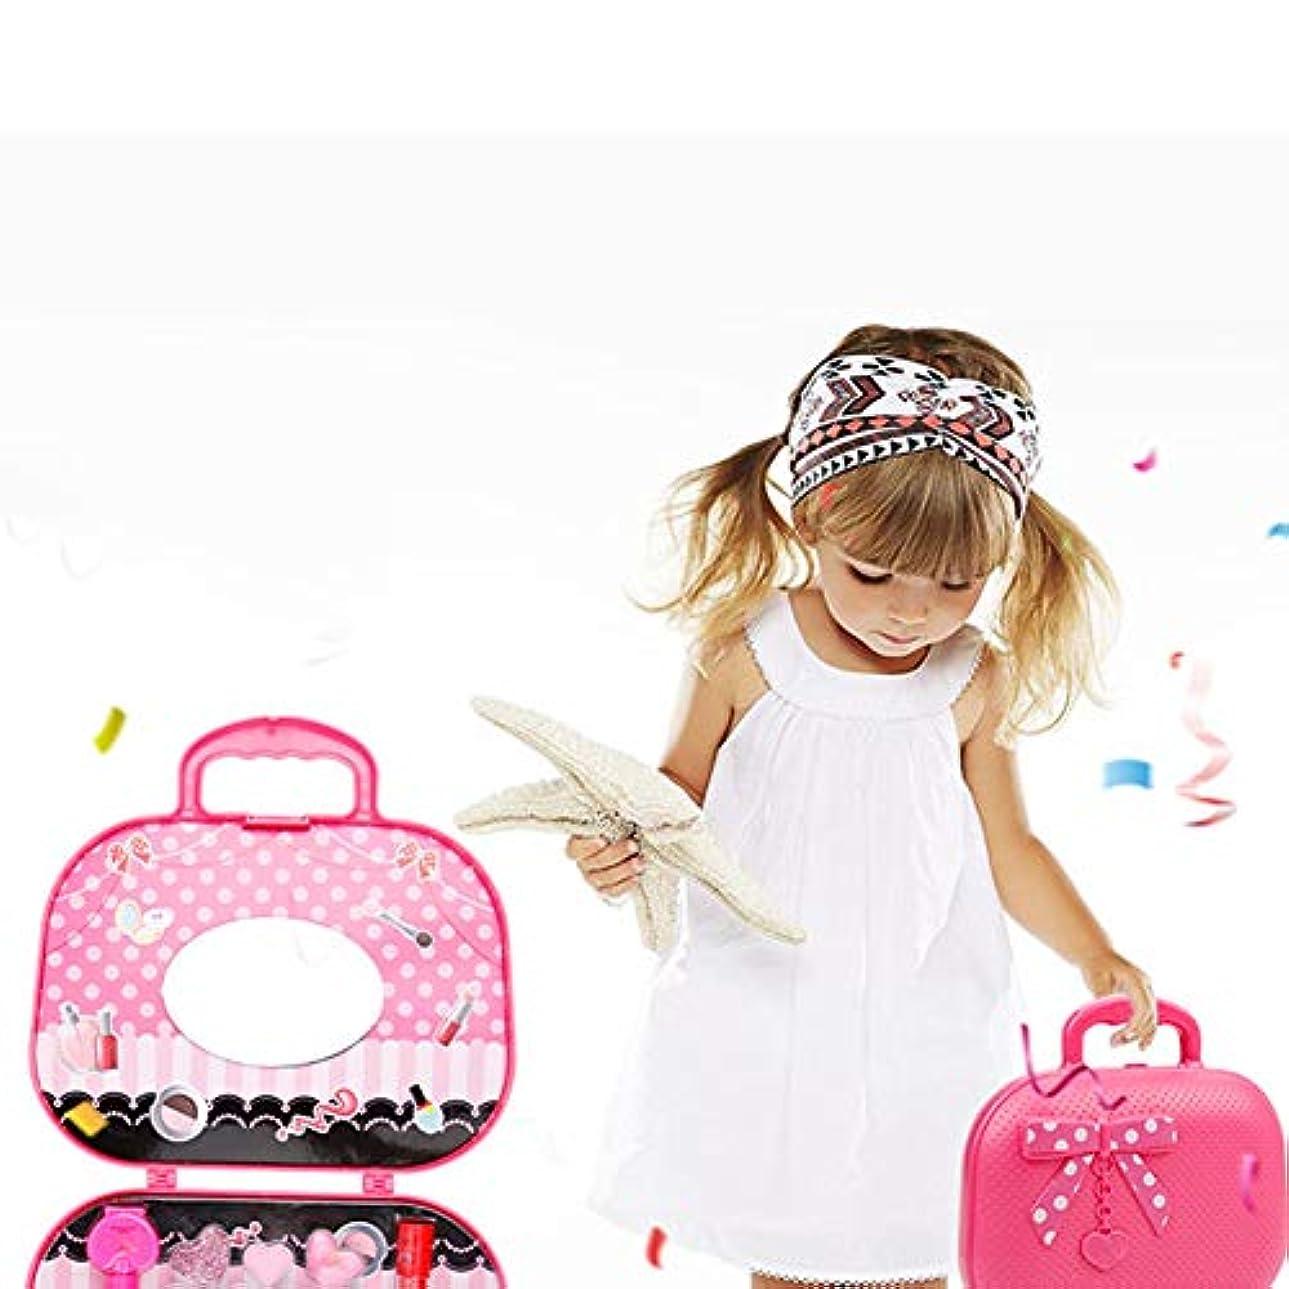 デコラティブ肯定的好奇心かわいいプリンセスふりメイクセットキッズガールズシミュレーション口紅子供のおもちゃ - ピンク